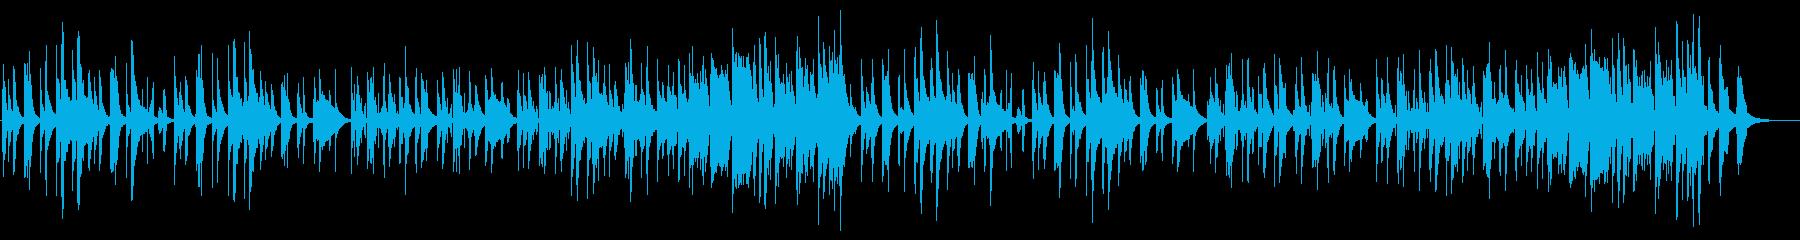 【CM、動画】可愛らしいマリンバの再生済みの波形